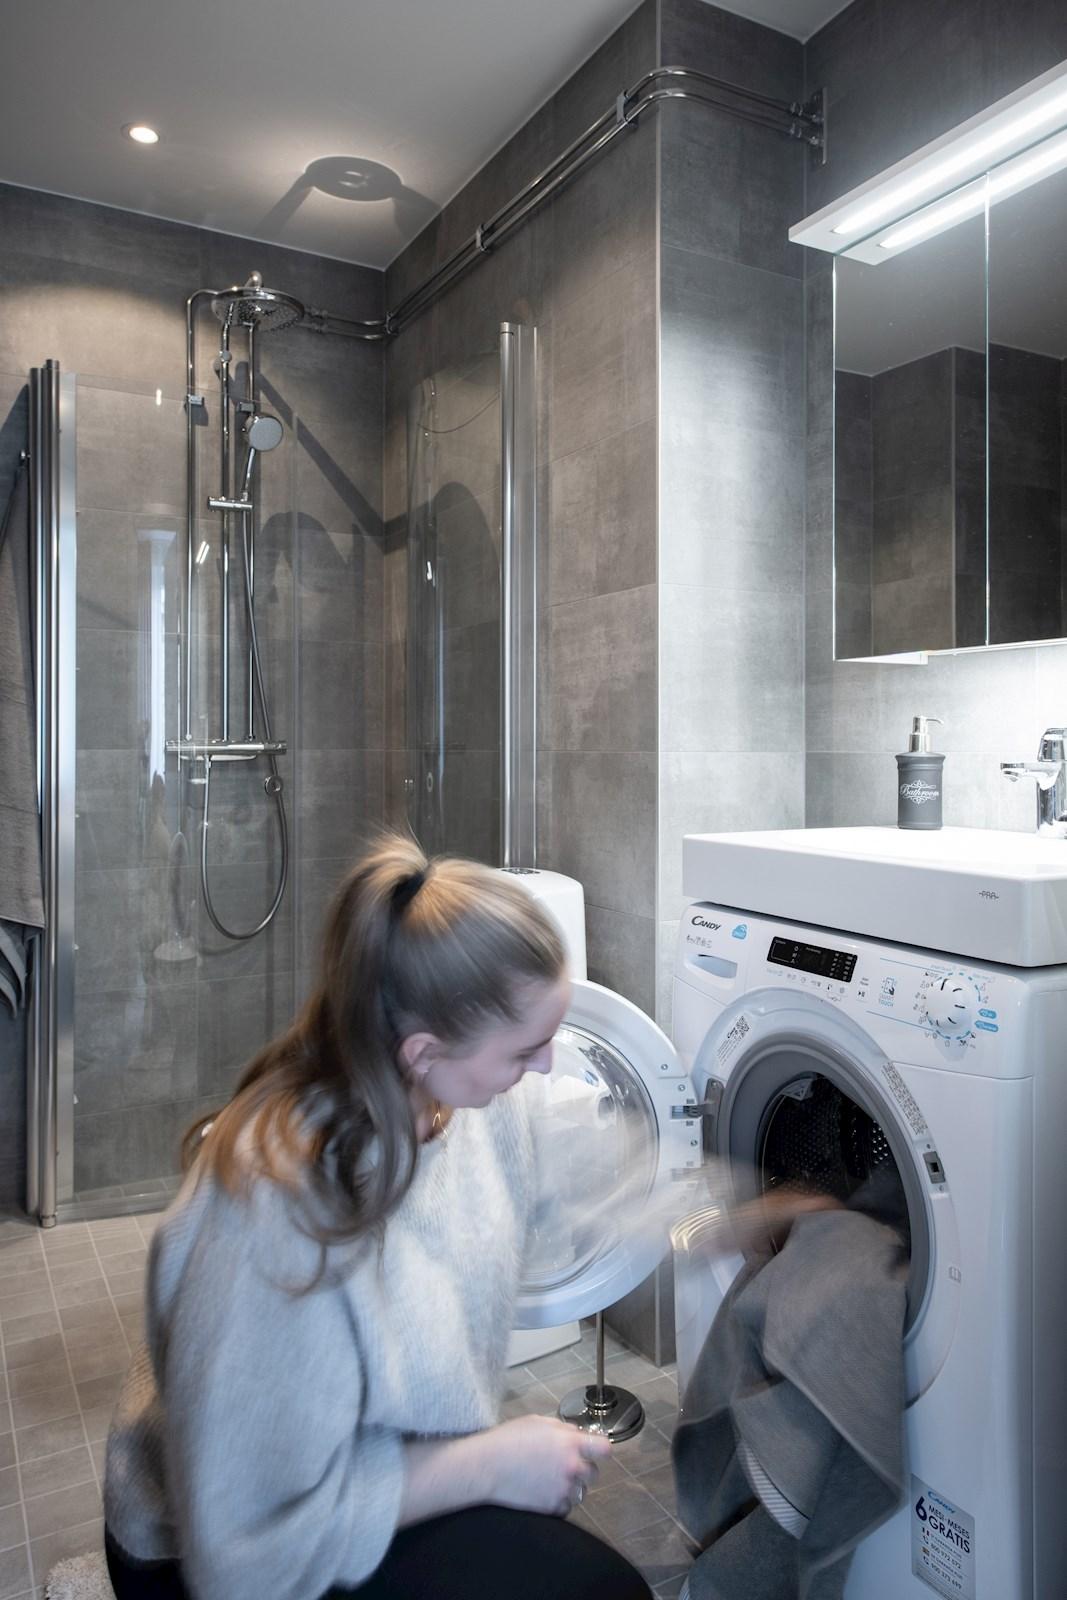 Kombimaskinen är placerad under handfatet för att ge badrummet plats för mer förvaring